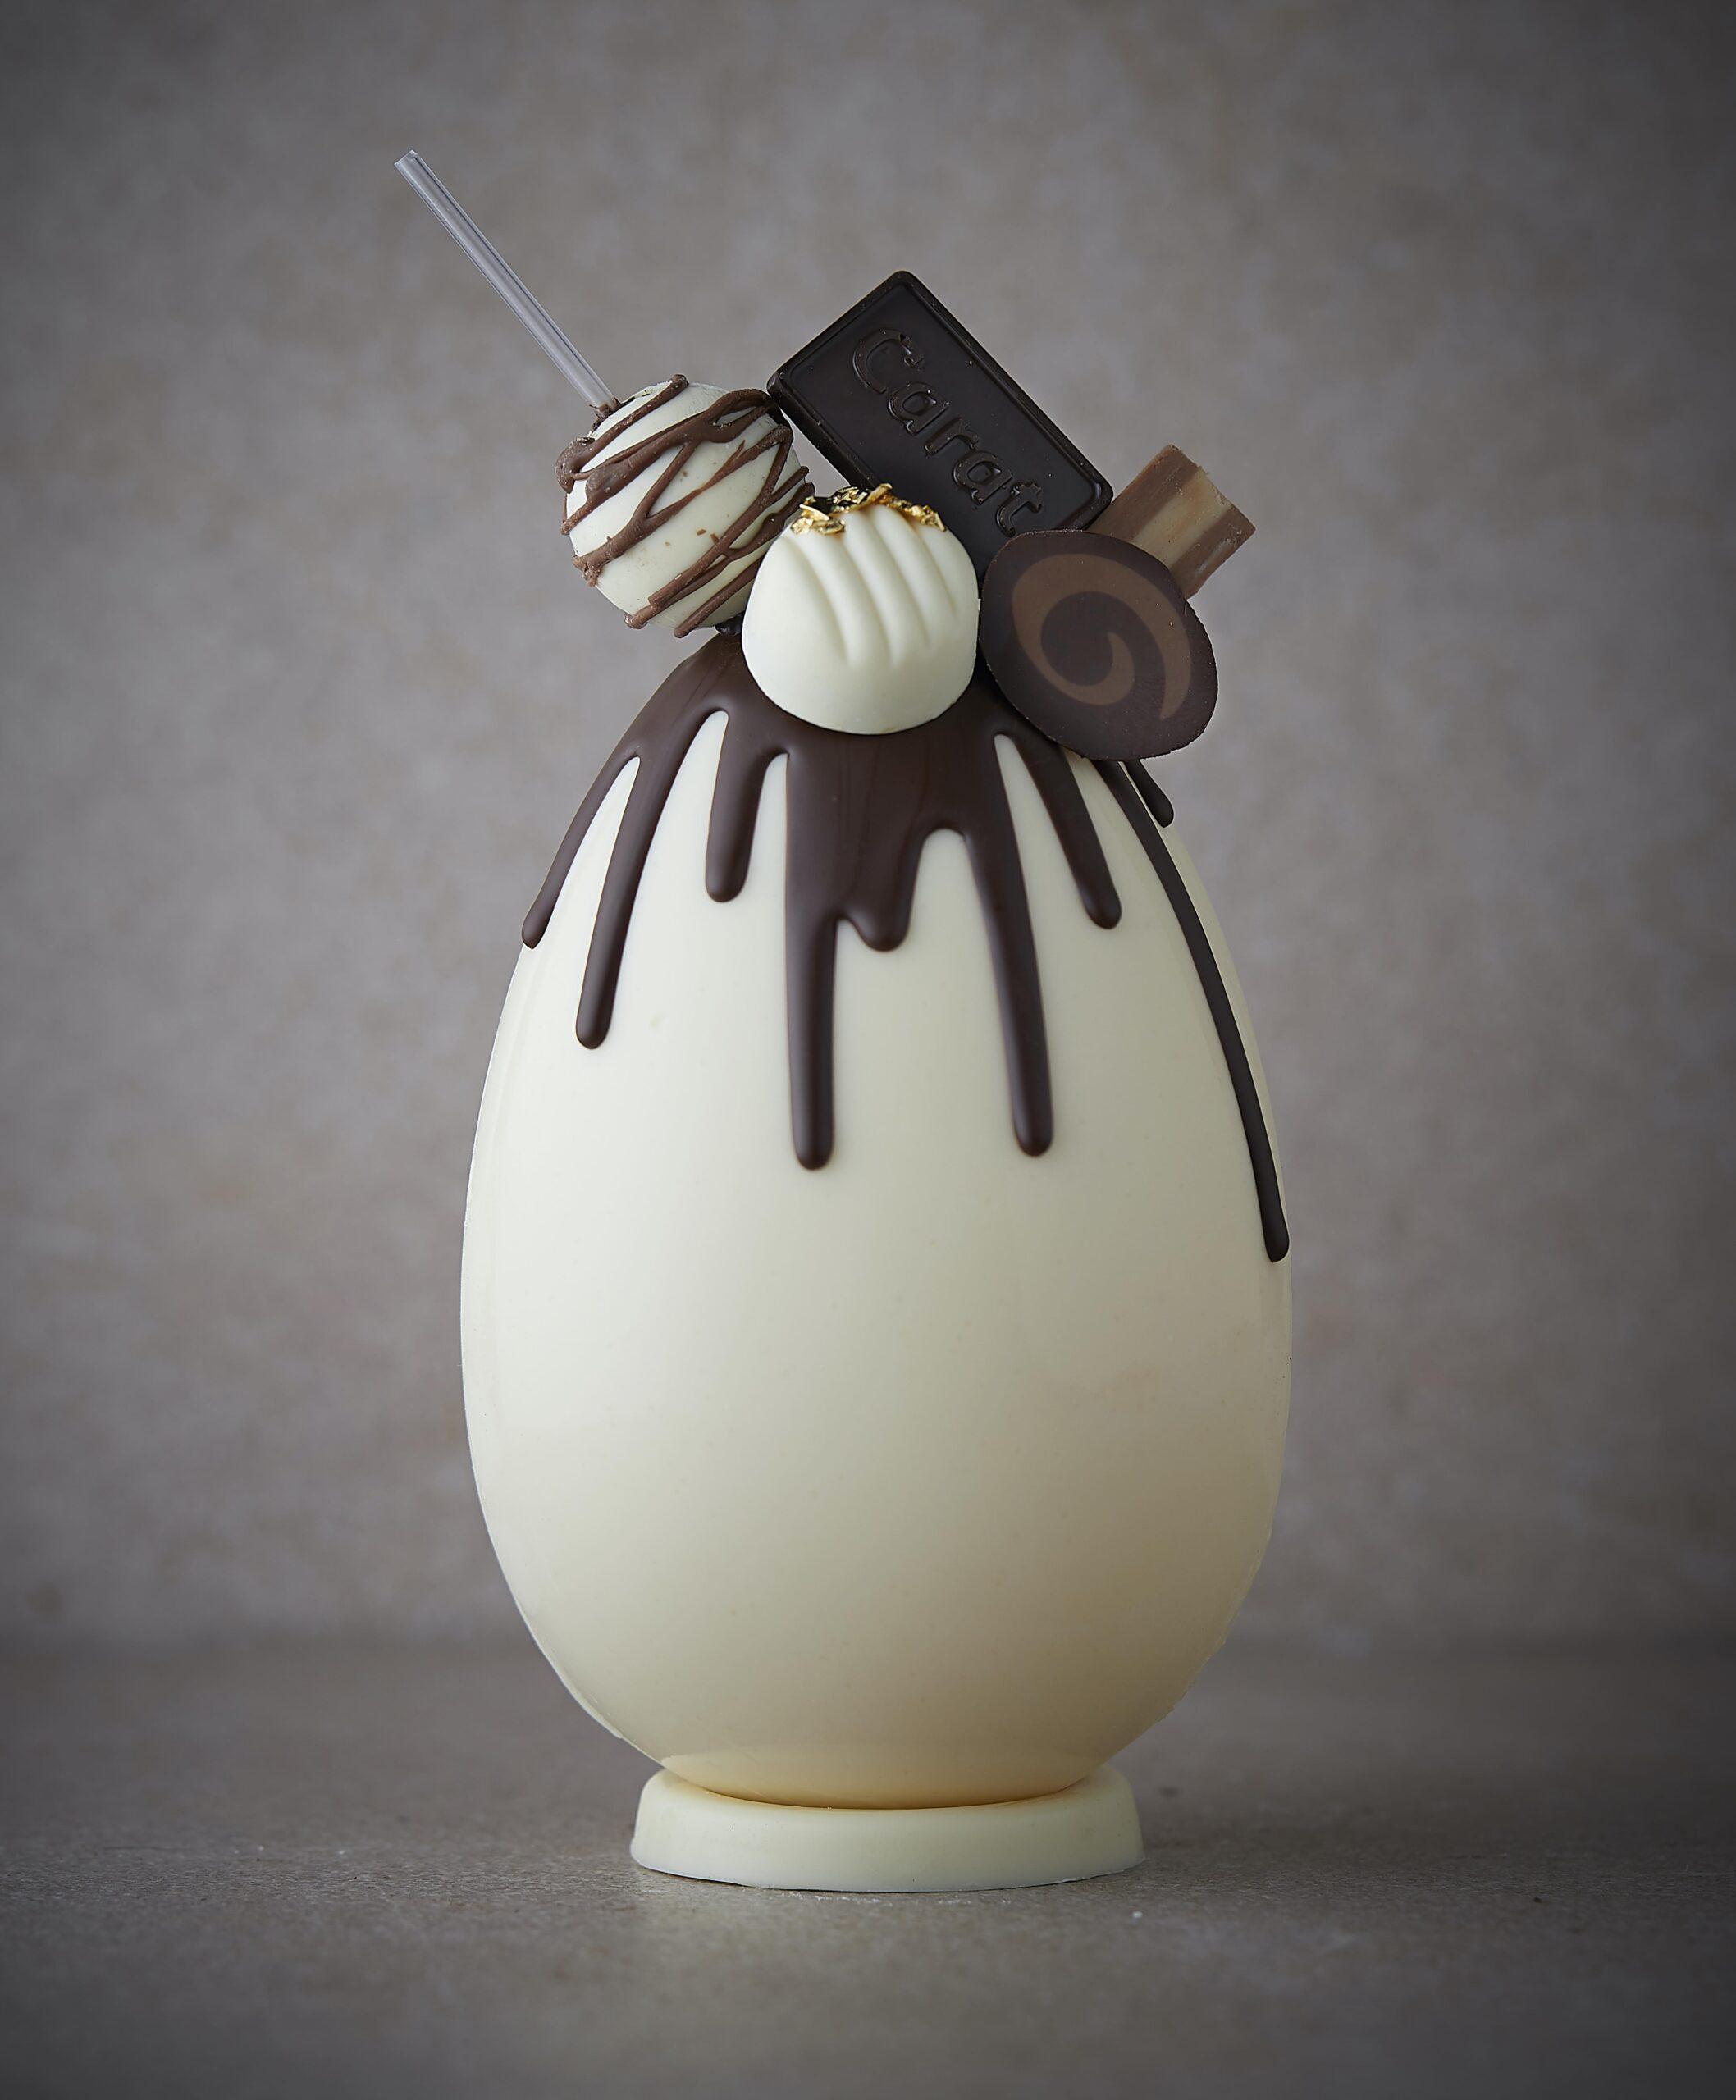 Pascua: ¿Qué prefieren los argentinos a la hora de consumir chocolate?